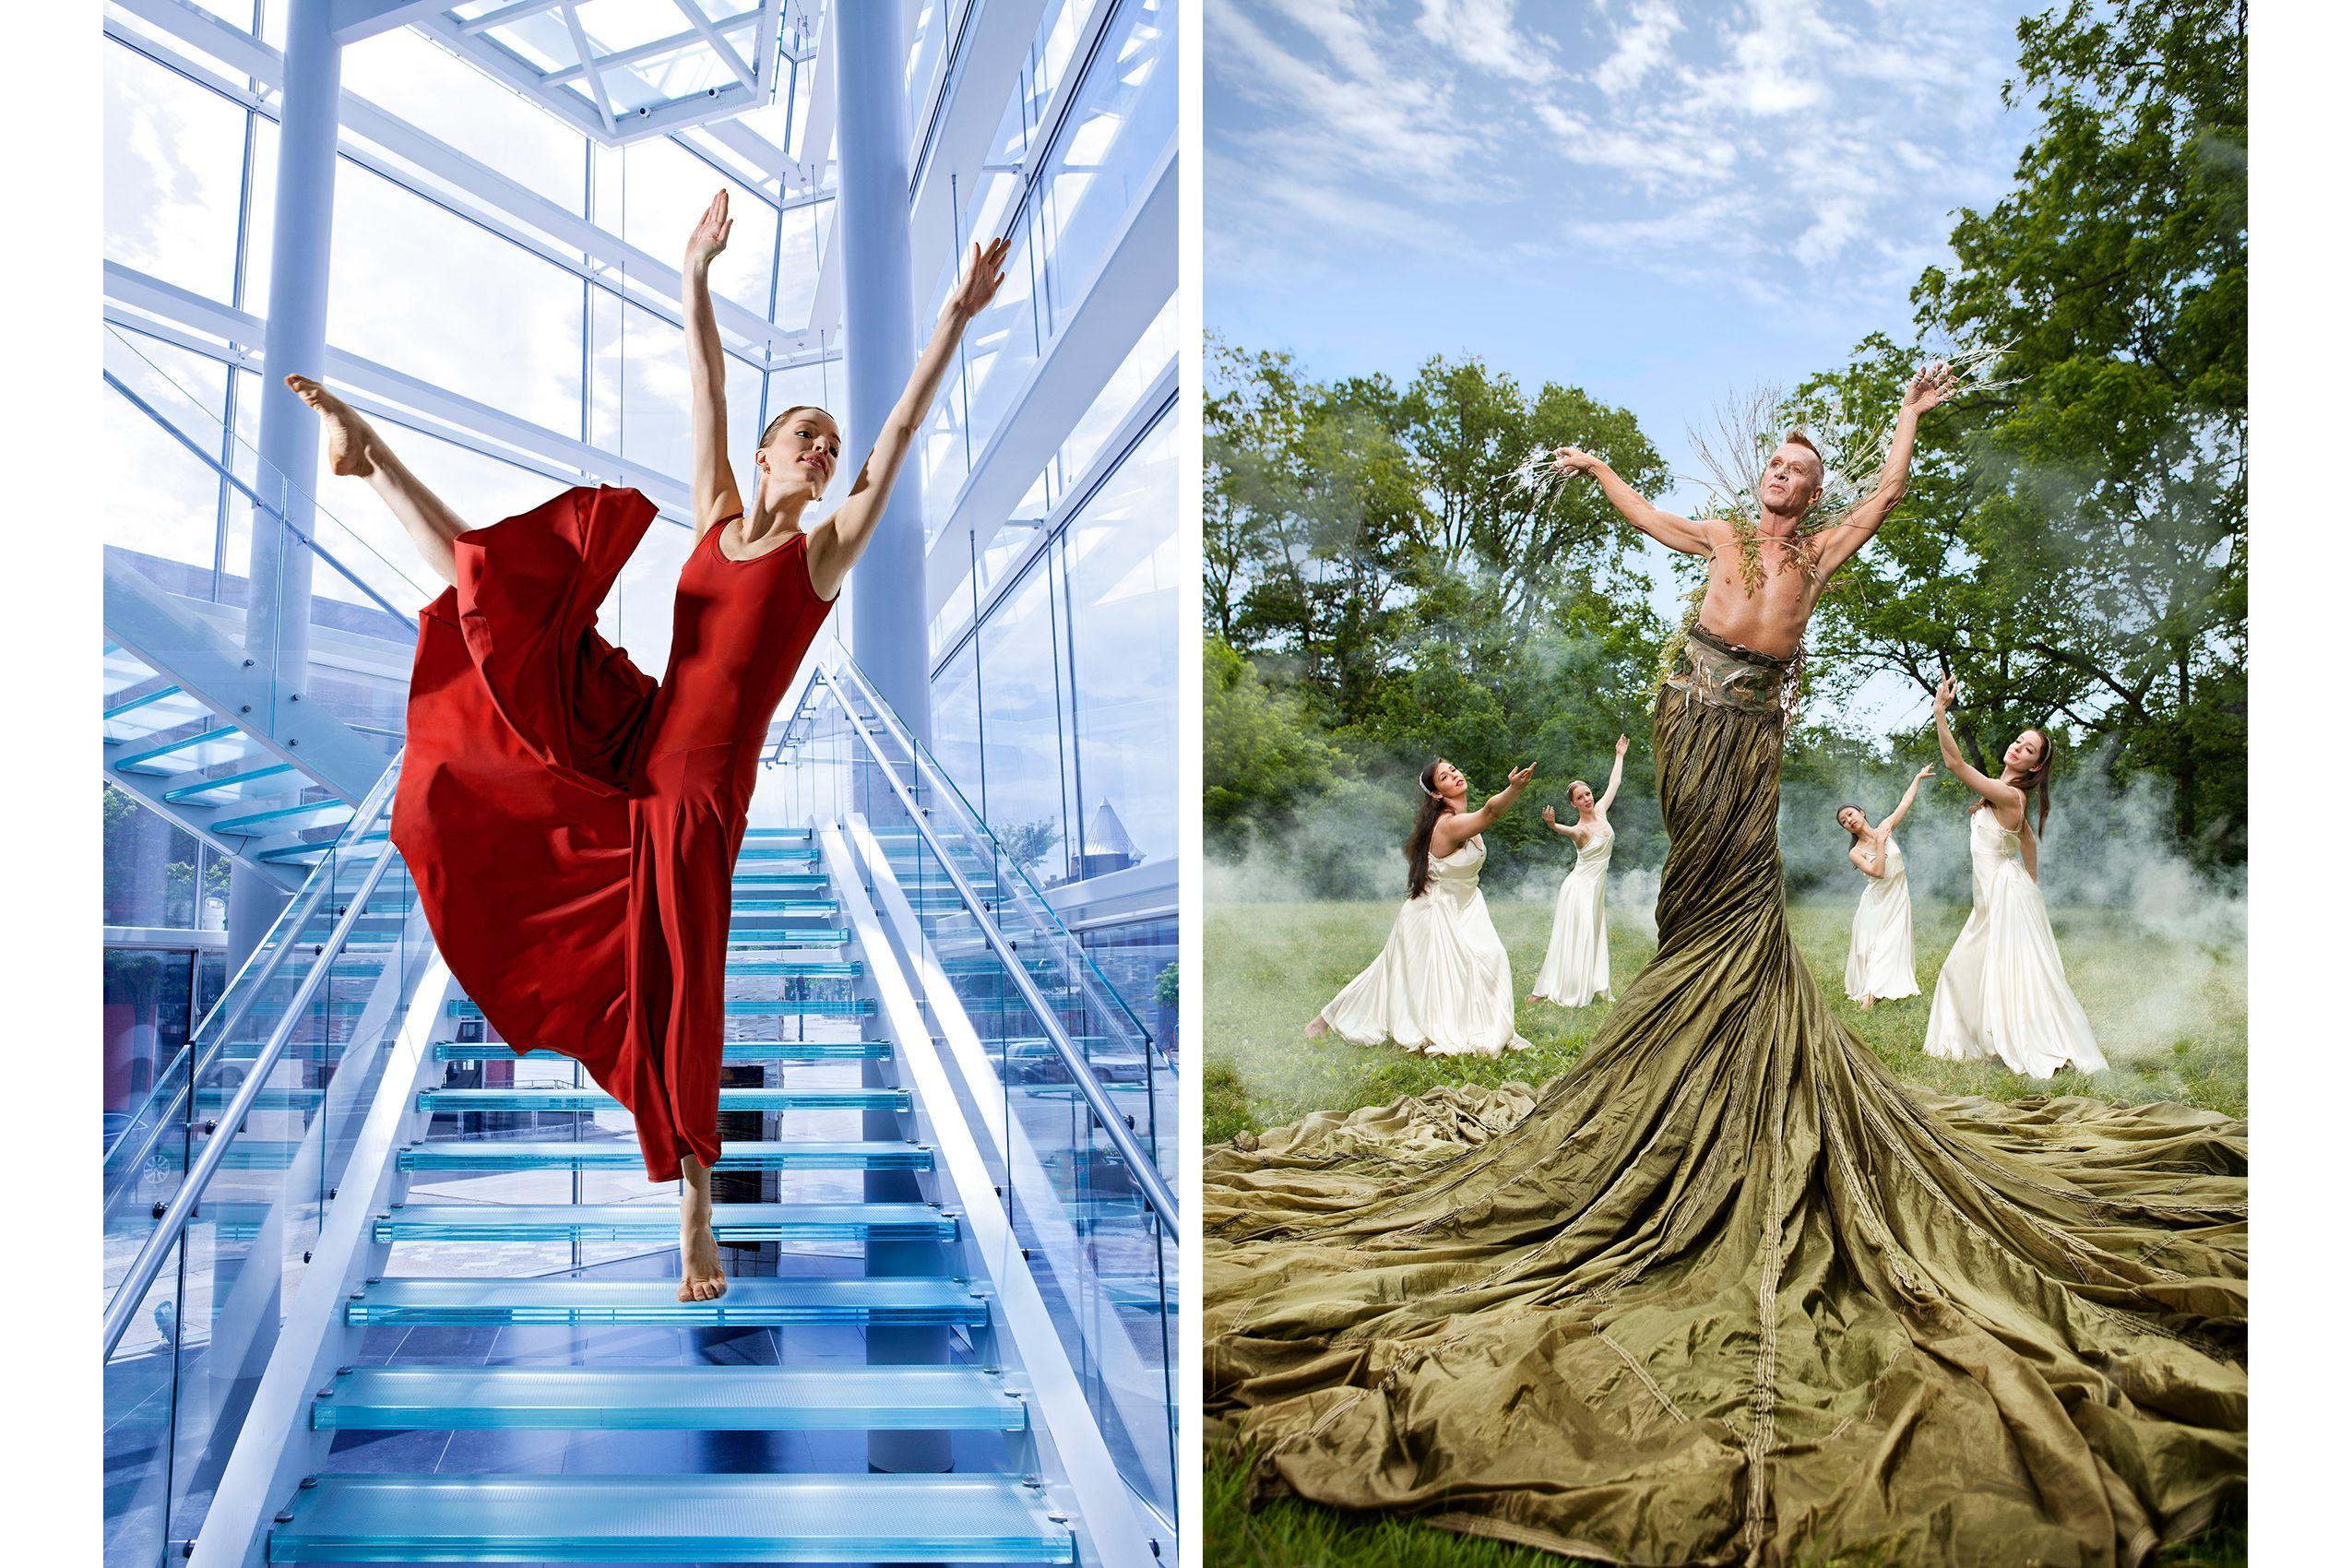 Brianna_Red_dress_Stairs_Kiro_Tree_W.jpg